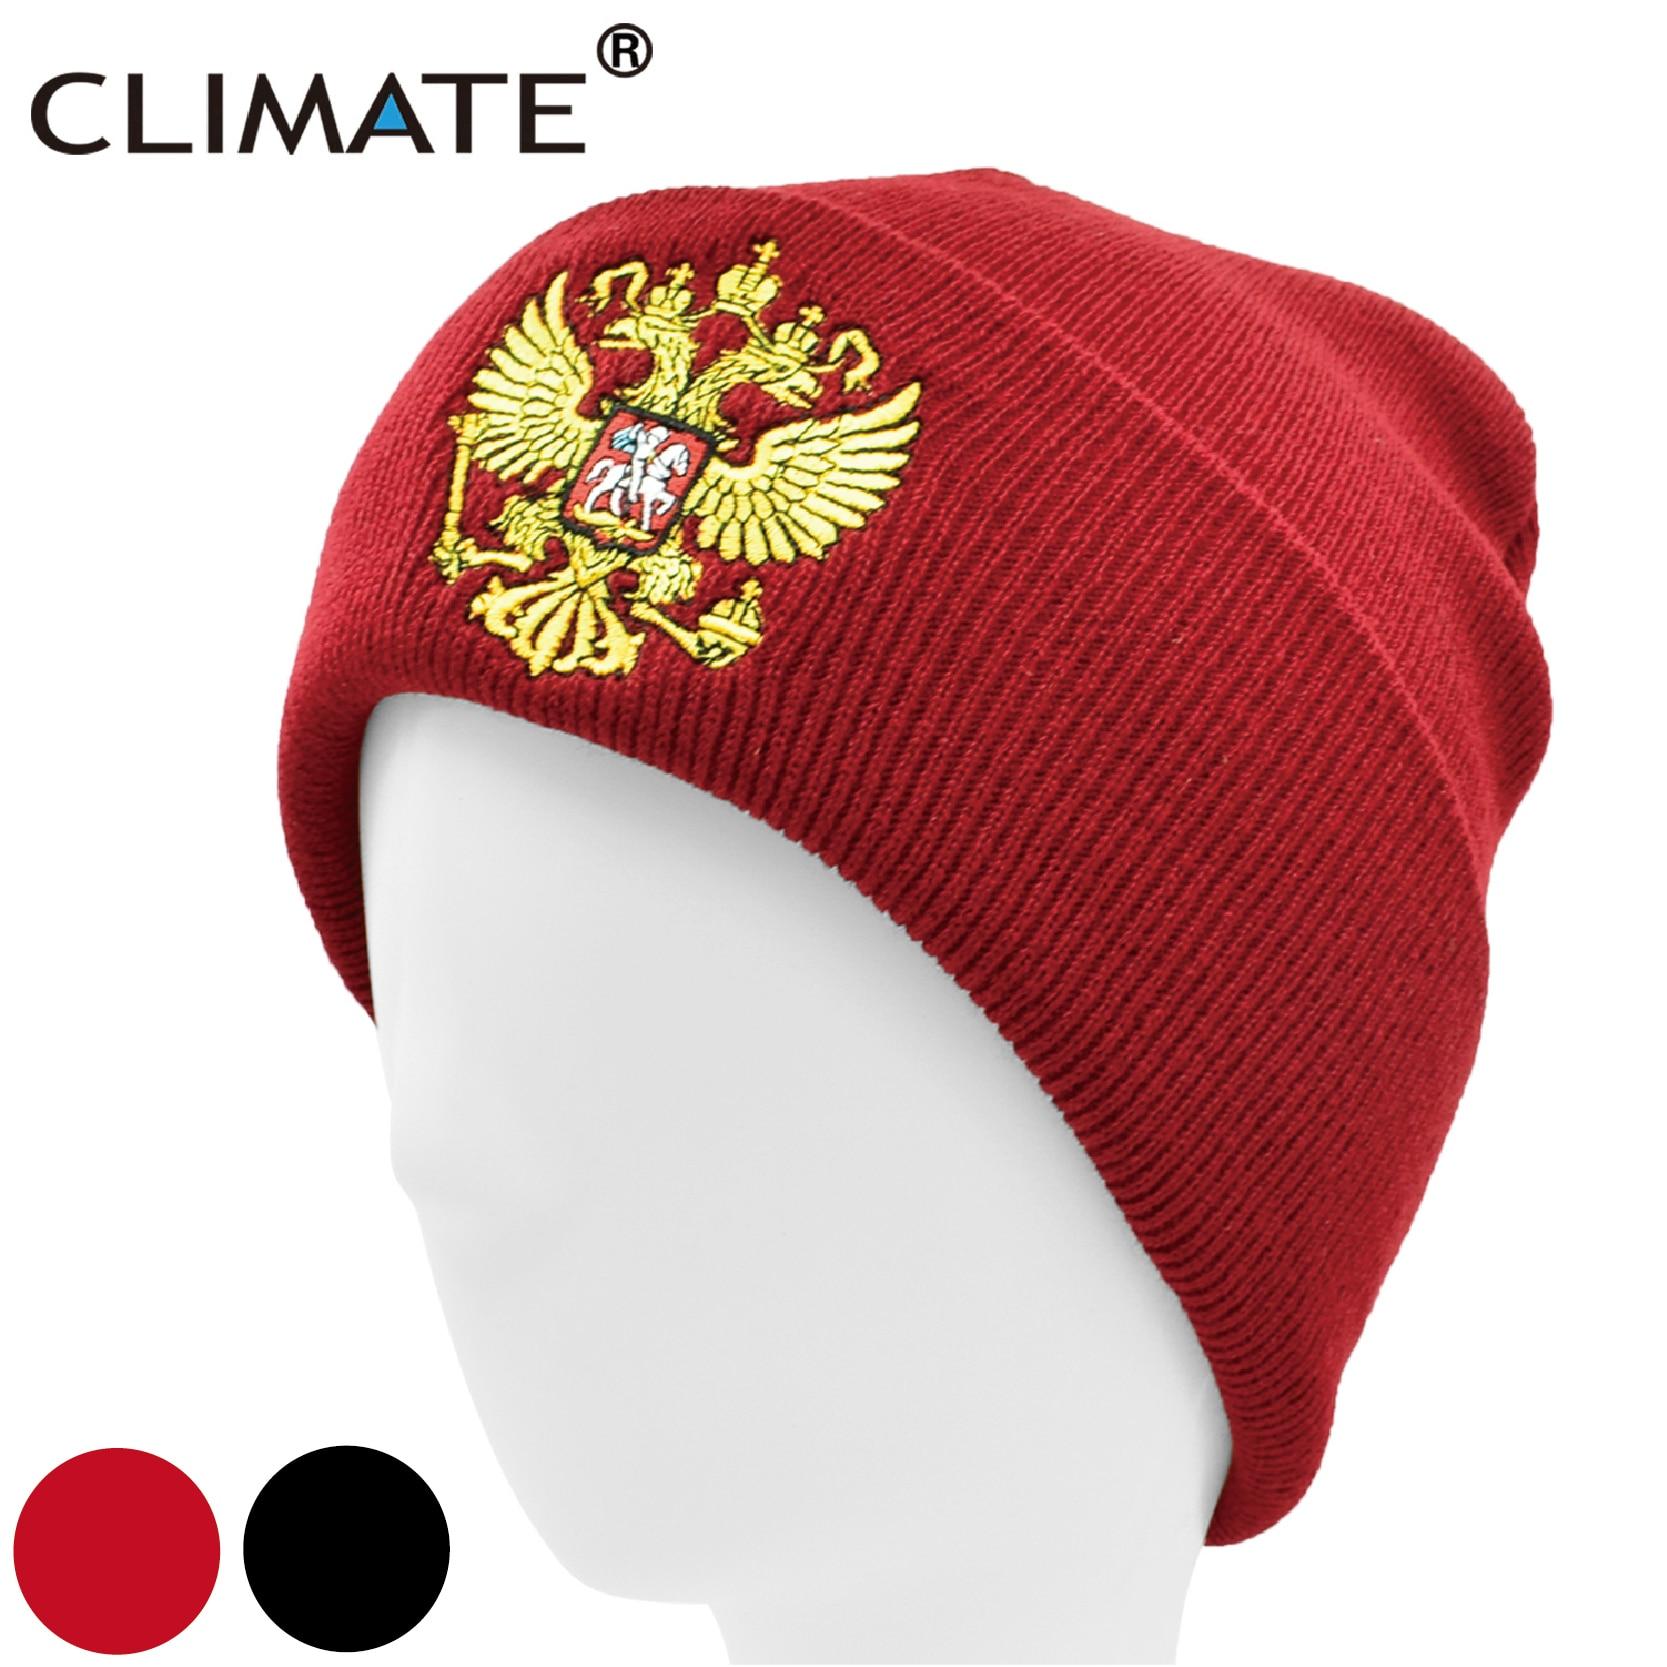 Bonnet homme russie | Bonnet dhiver emblème russe, bonnet de jour National, Skullies hommes femmes chaud tricoté, casquette pour hommes et femmes